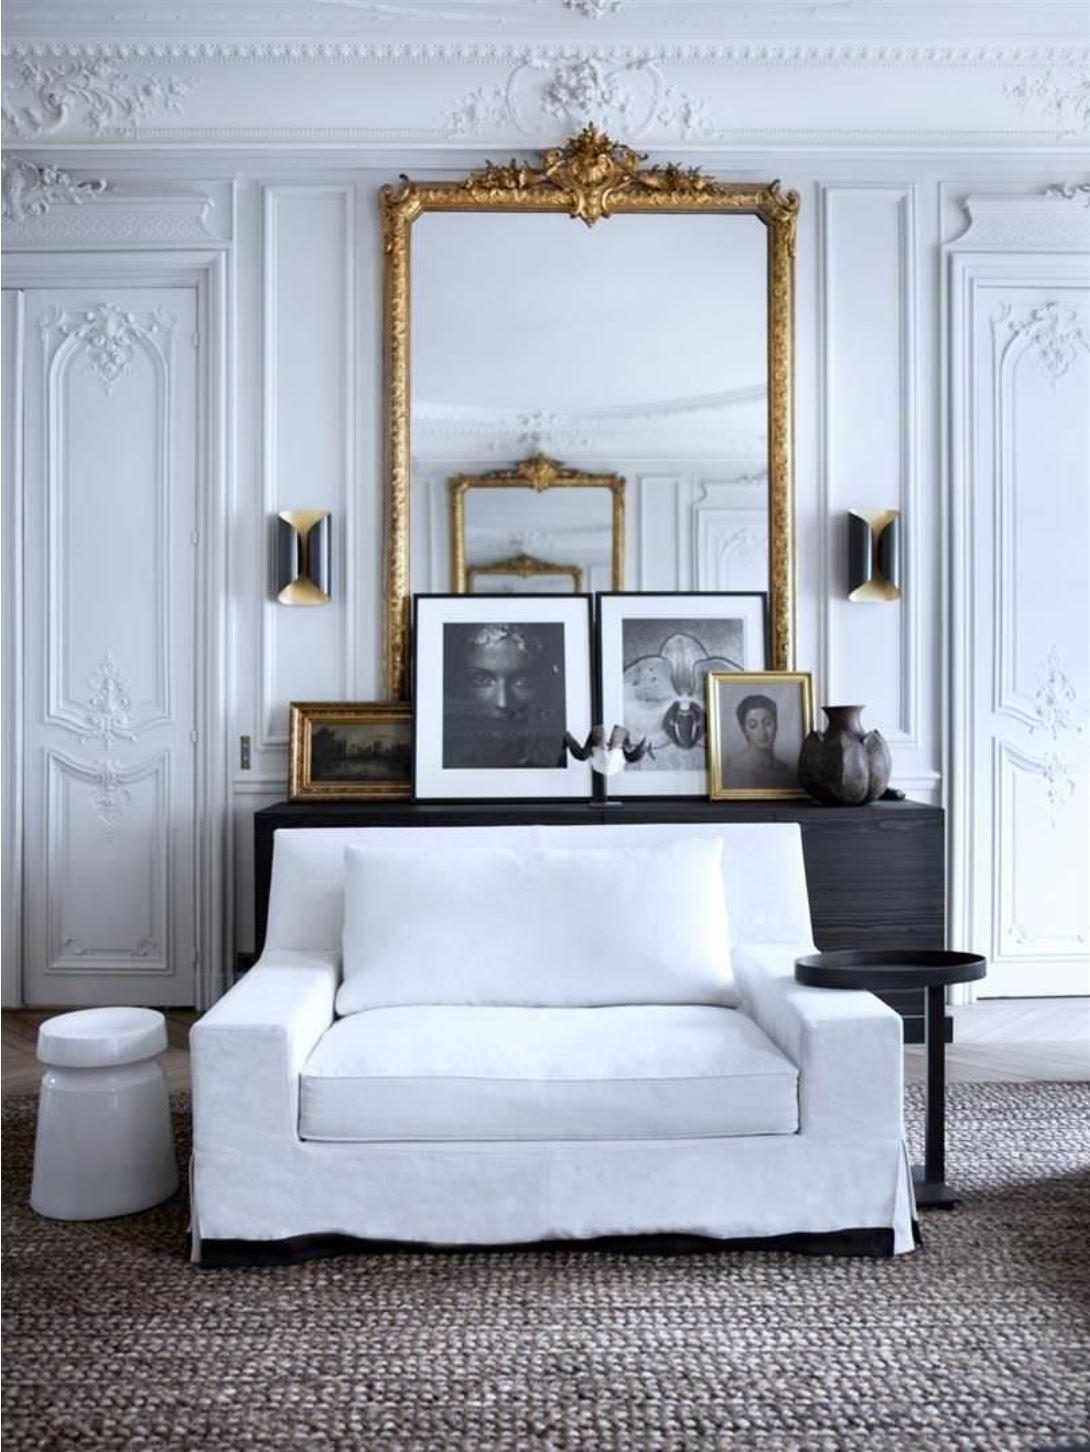 Apartment 52m, Paris  by Gilles &Boissier